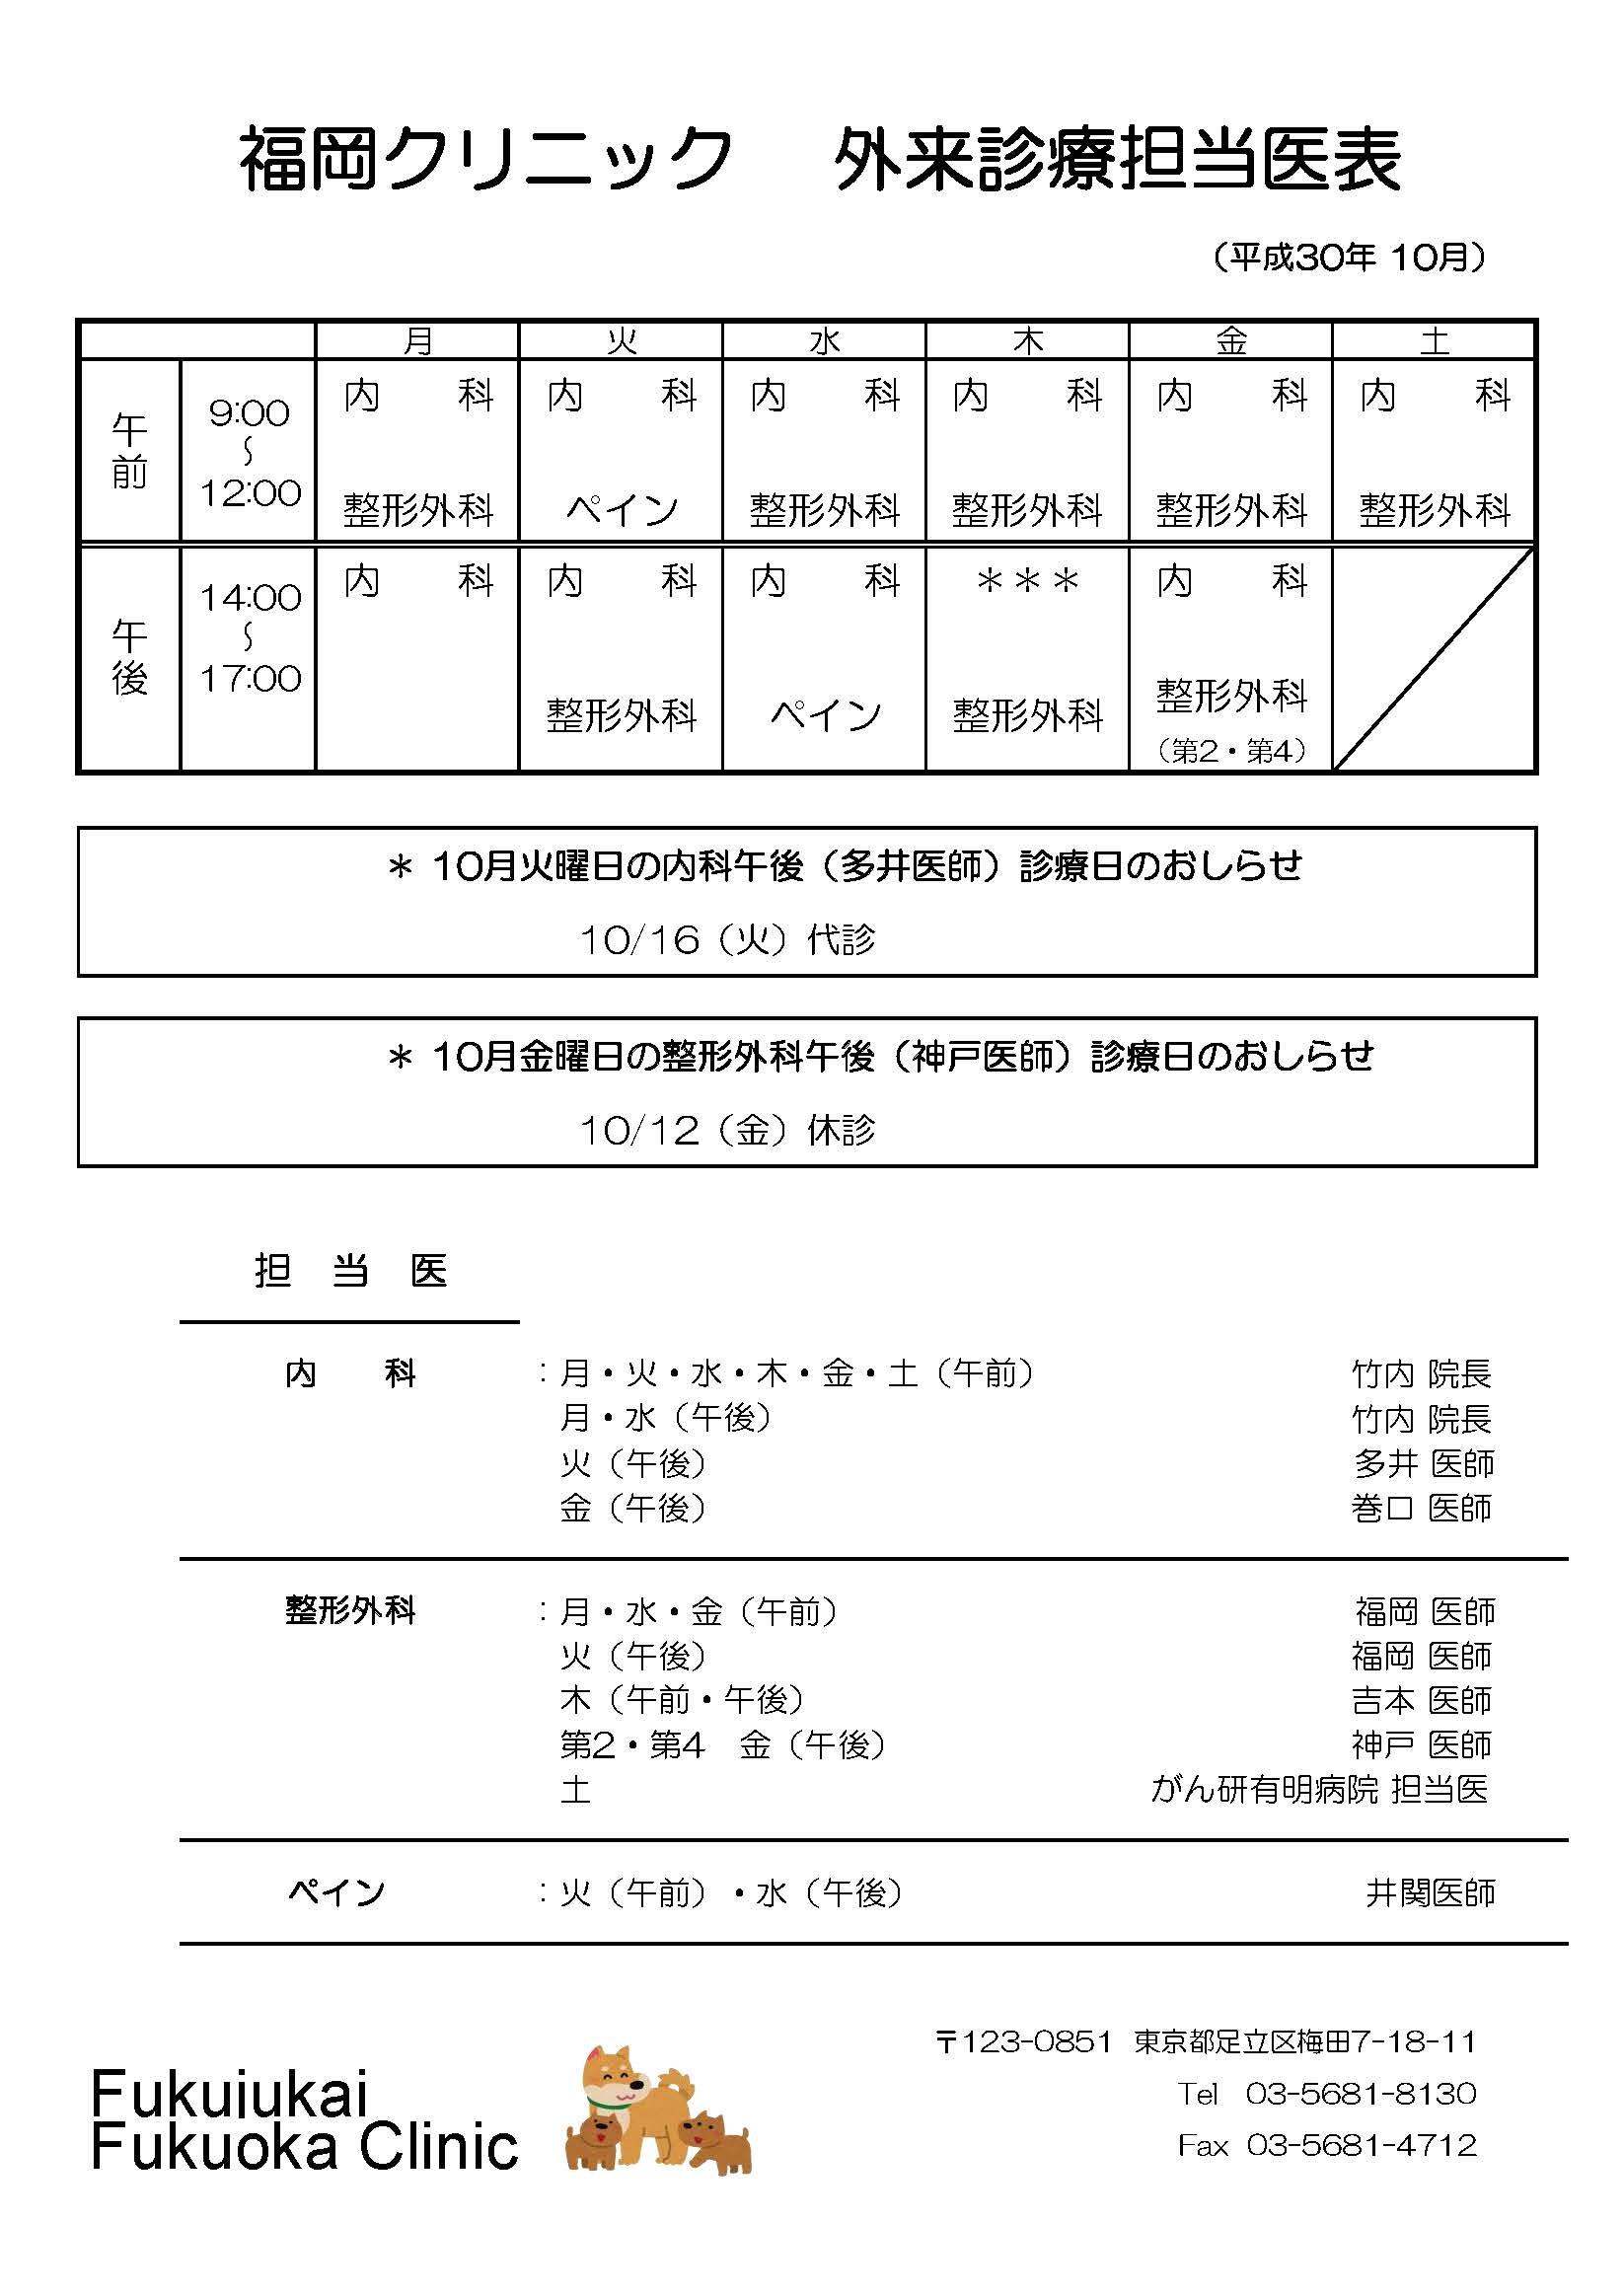 福岡クリニック 外来診療担当医表